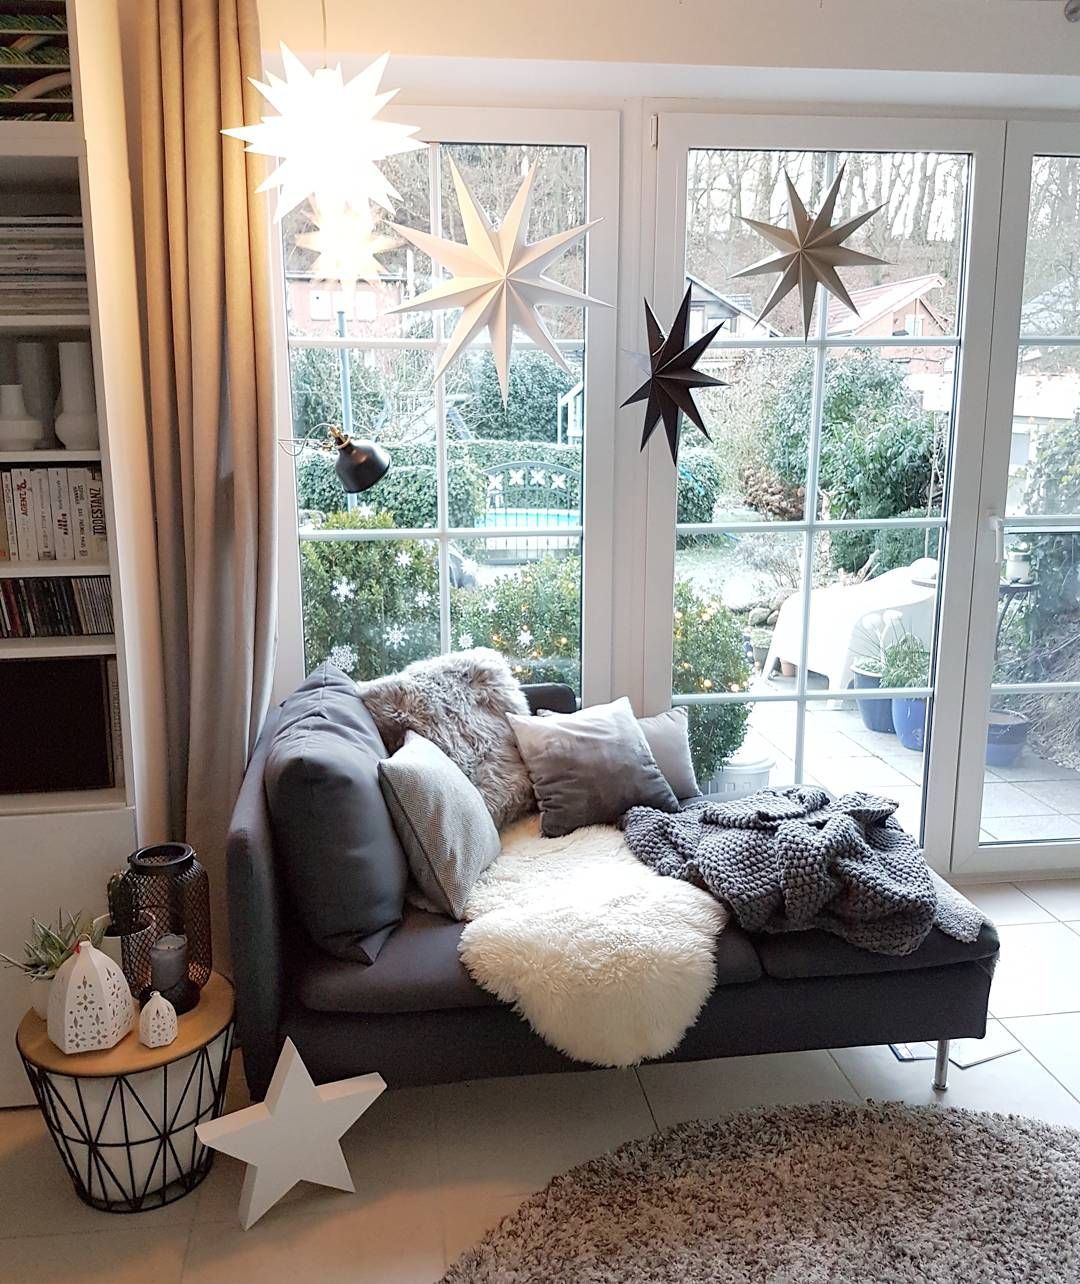 gewachsen wohnen pinterest wohnzimmer haus und wohnen. Black Bedroom Furniture Sets. Home Design Ideas